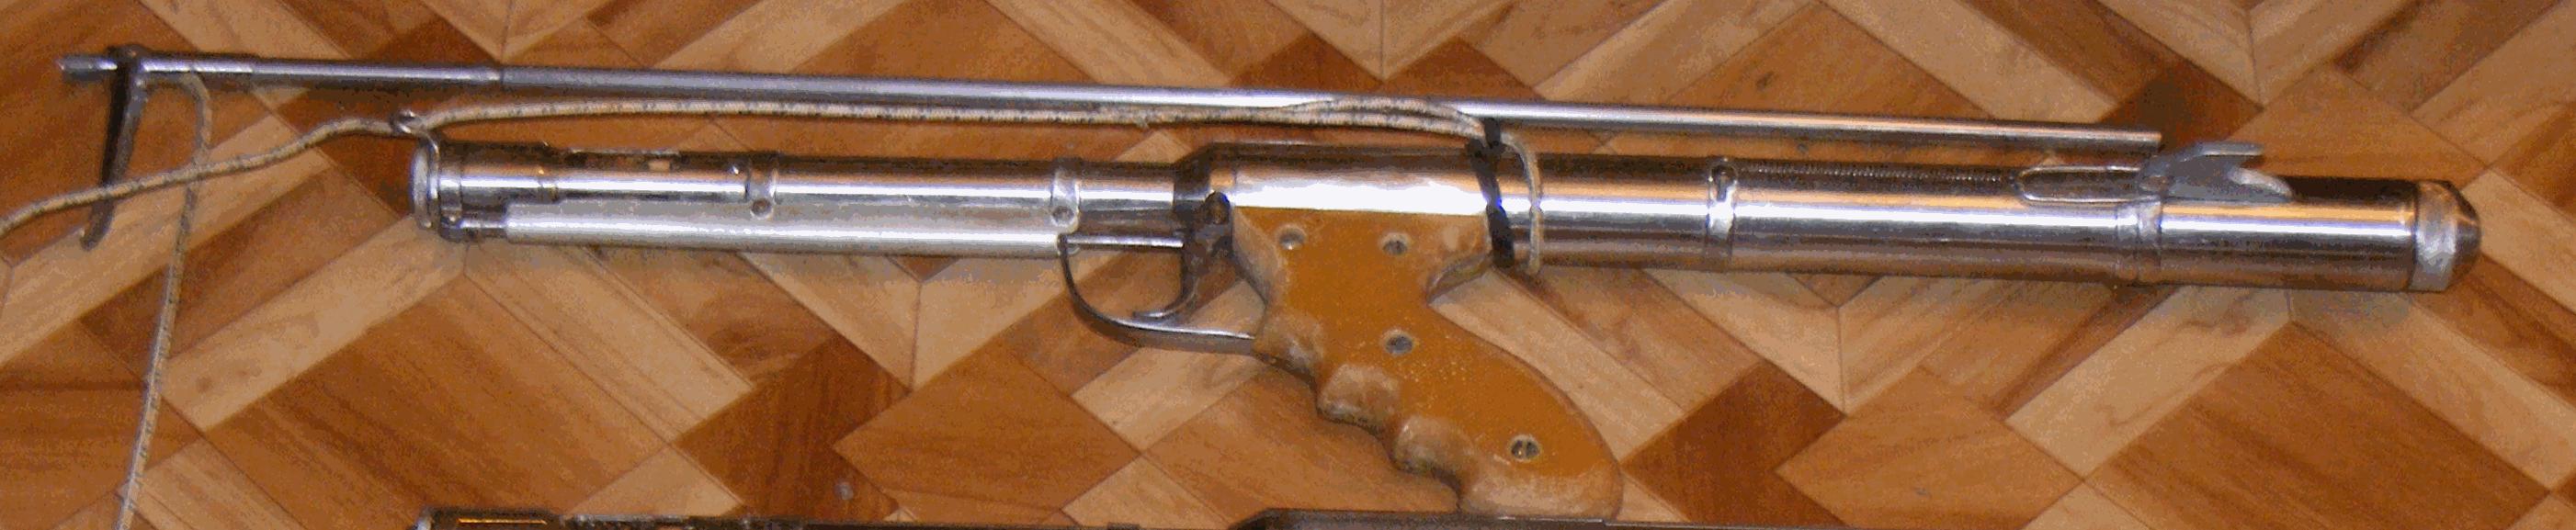 Самодельное подводное пневматическое ружье своими руками